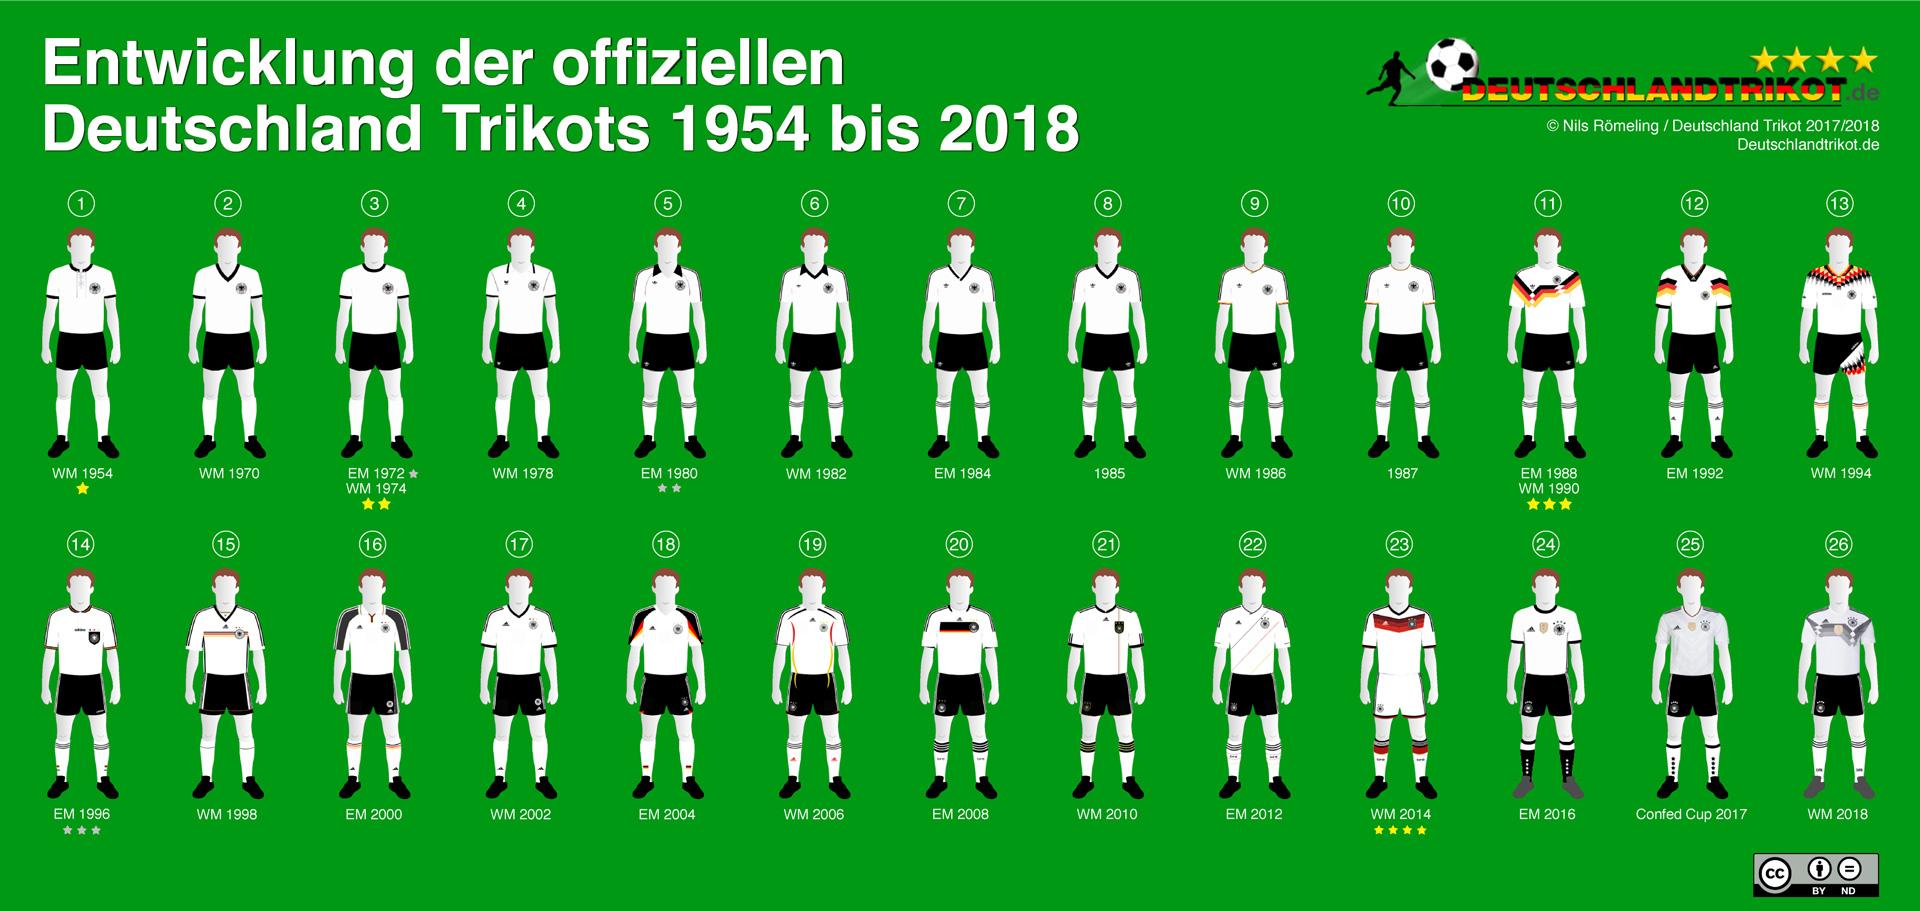 Der Wandel der Zeit - alle weißen Deutschland Trikots von 1954 bis 2018